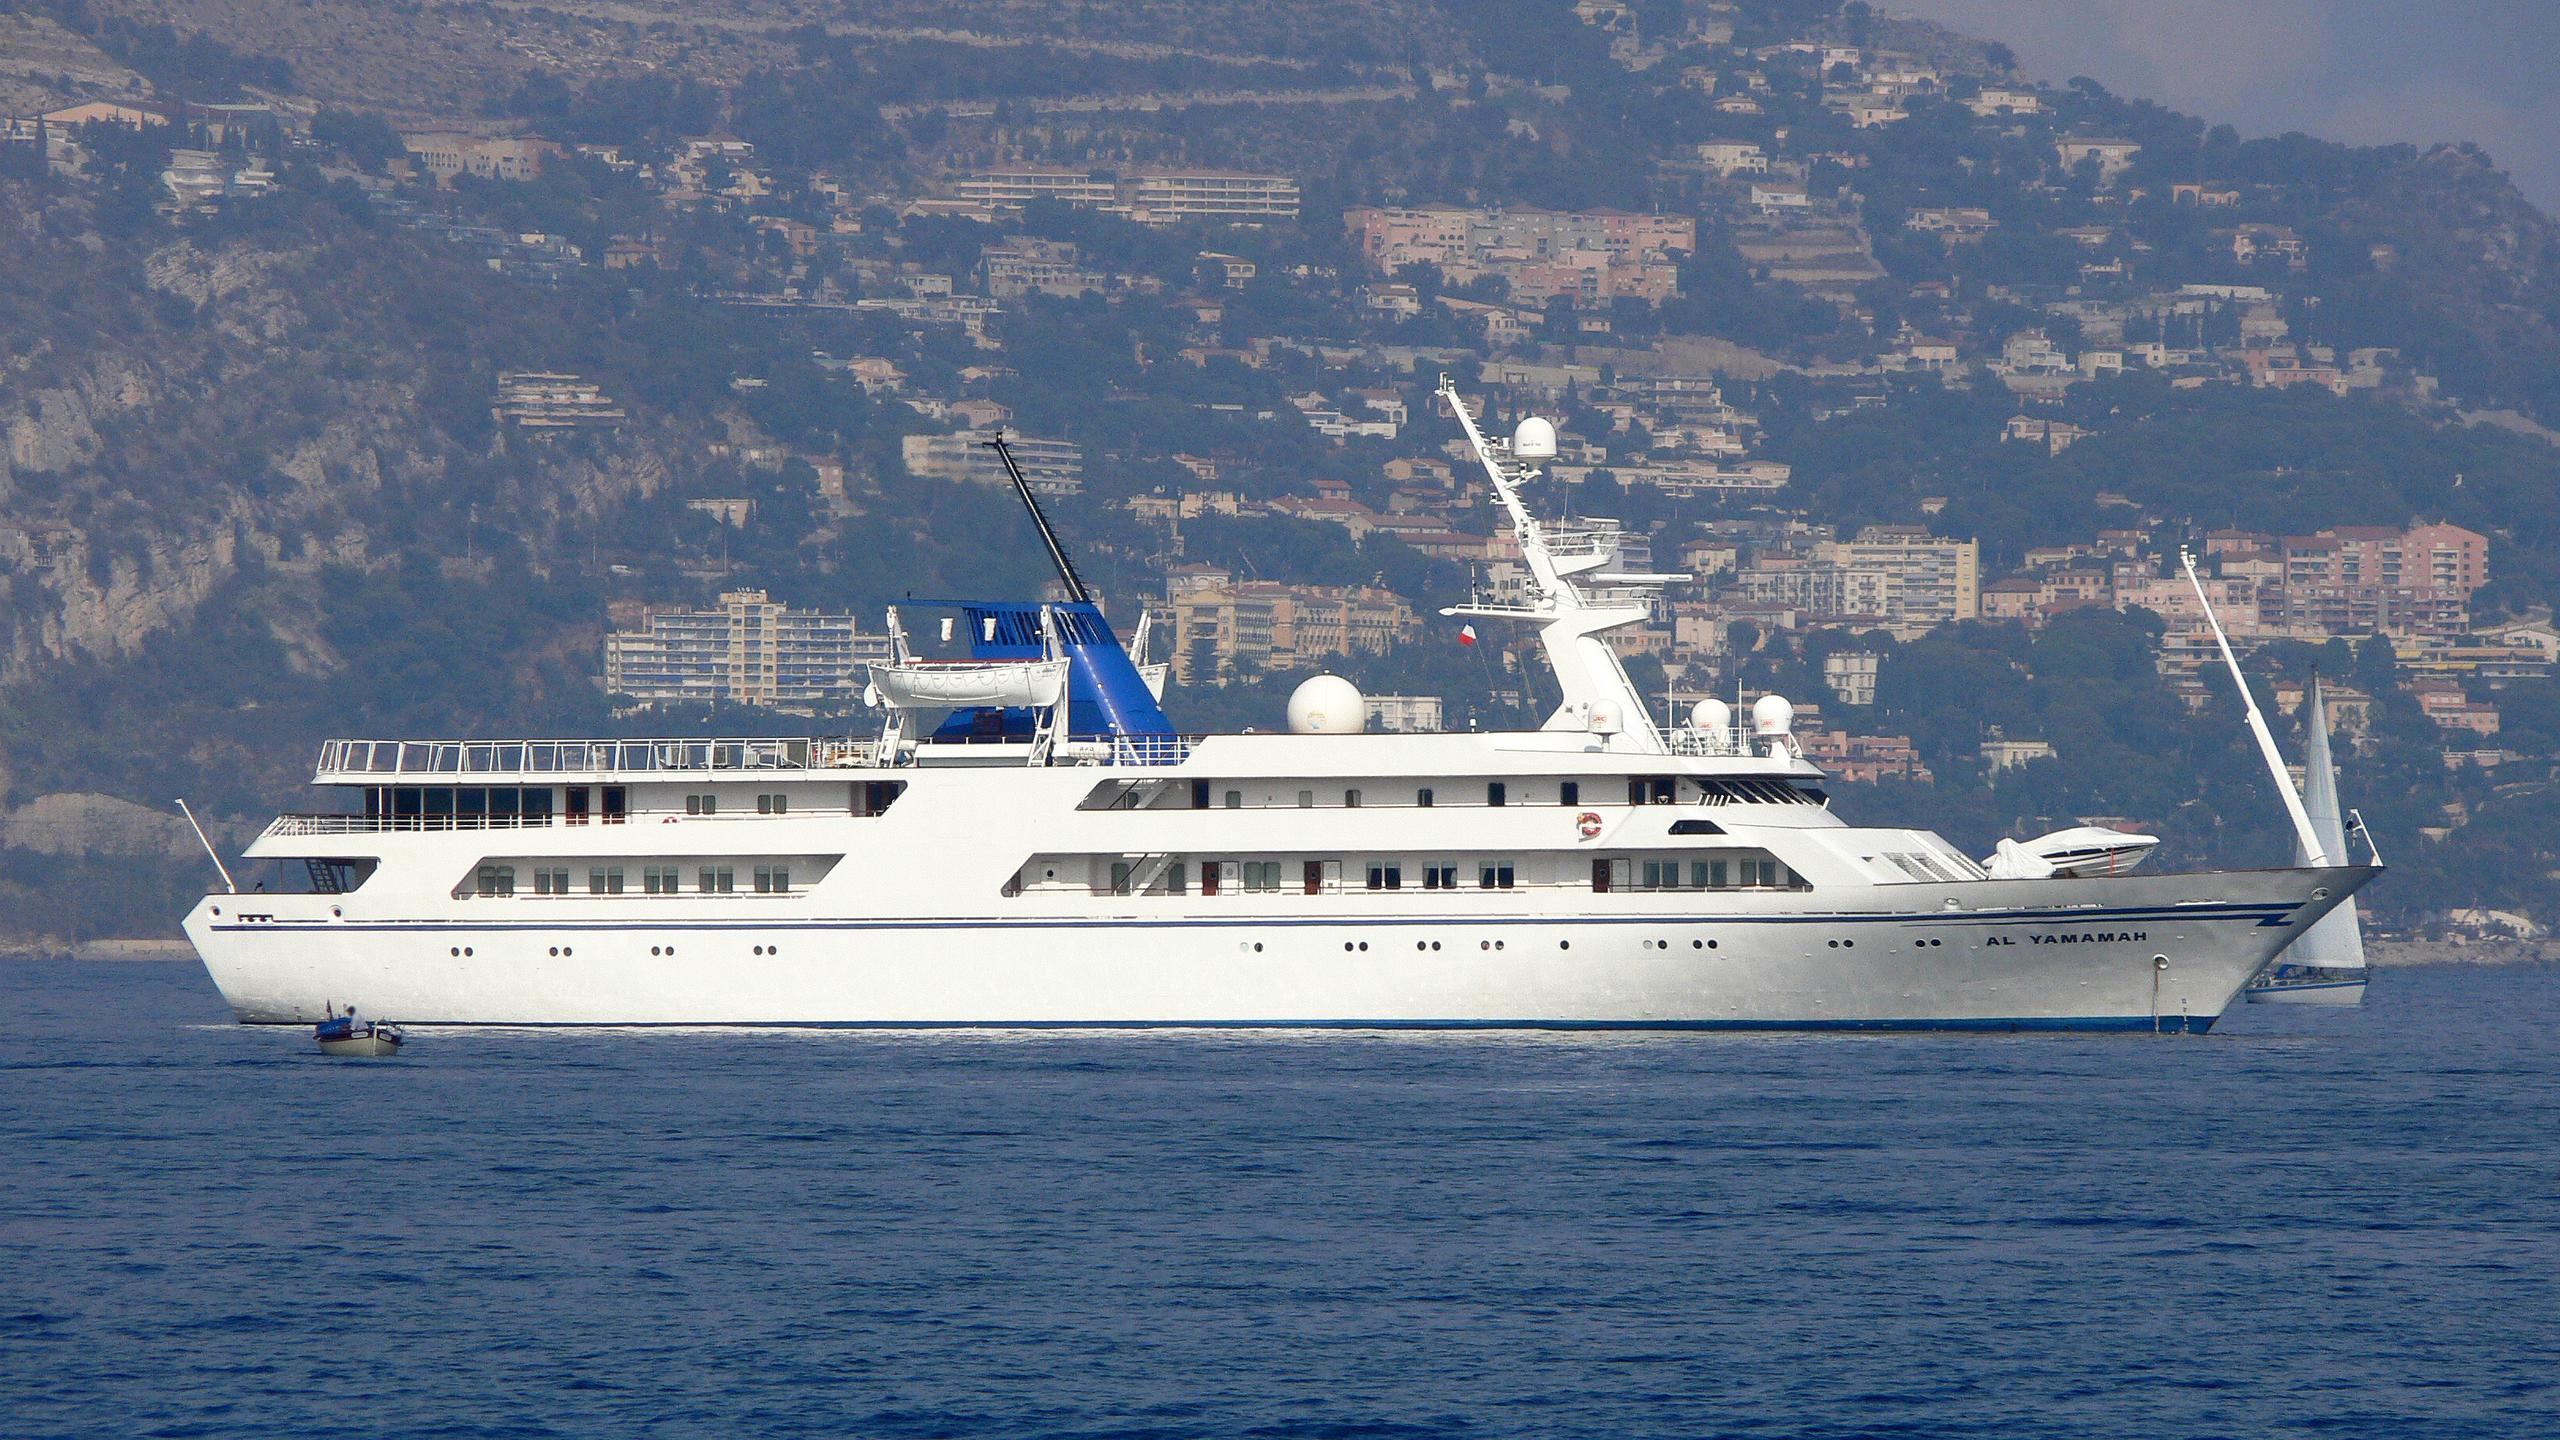 basrah-breeze-yacht-exterior